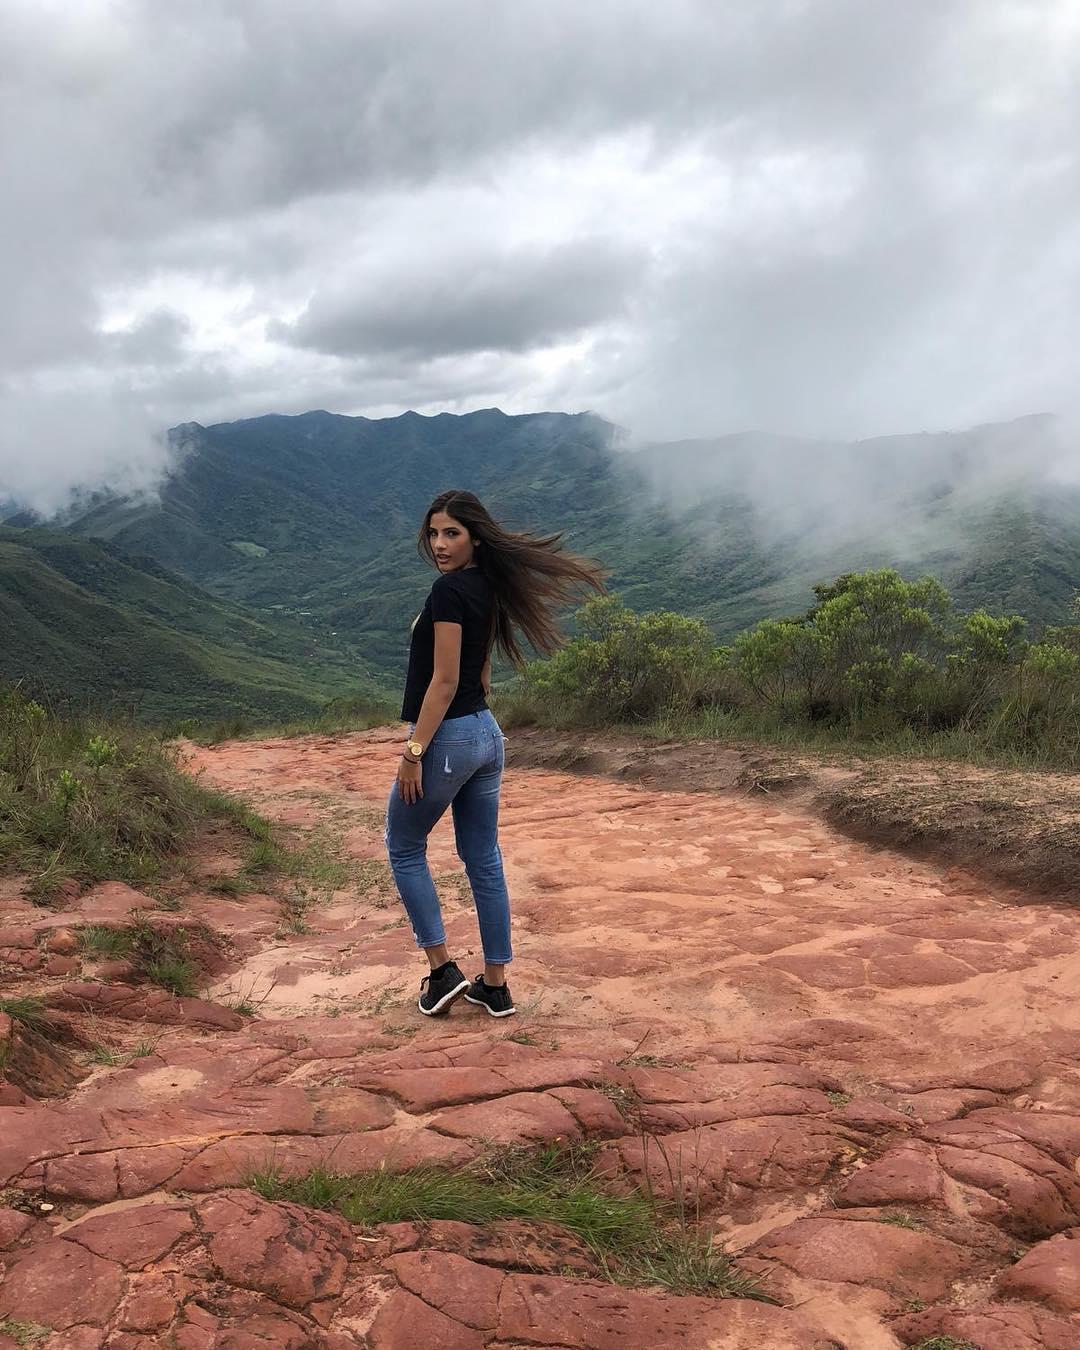 daniela santeliz acosta, 8 finalista de reyna hispanoamericana 2018. - Página 3 43091010